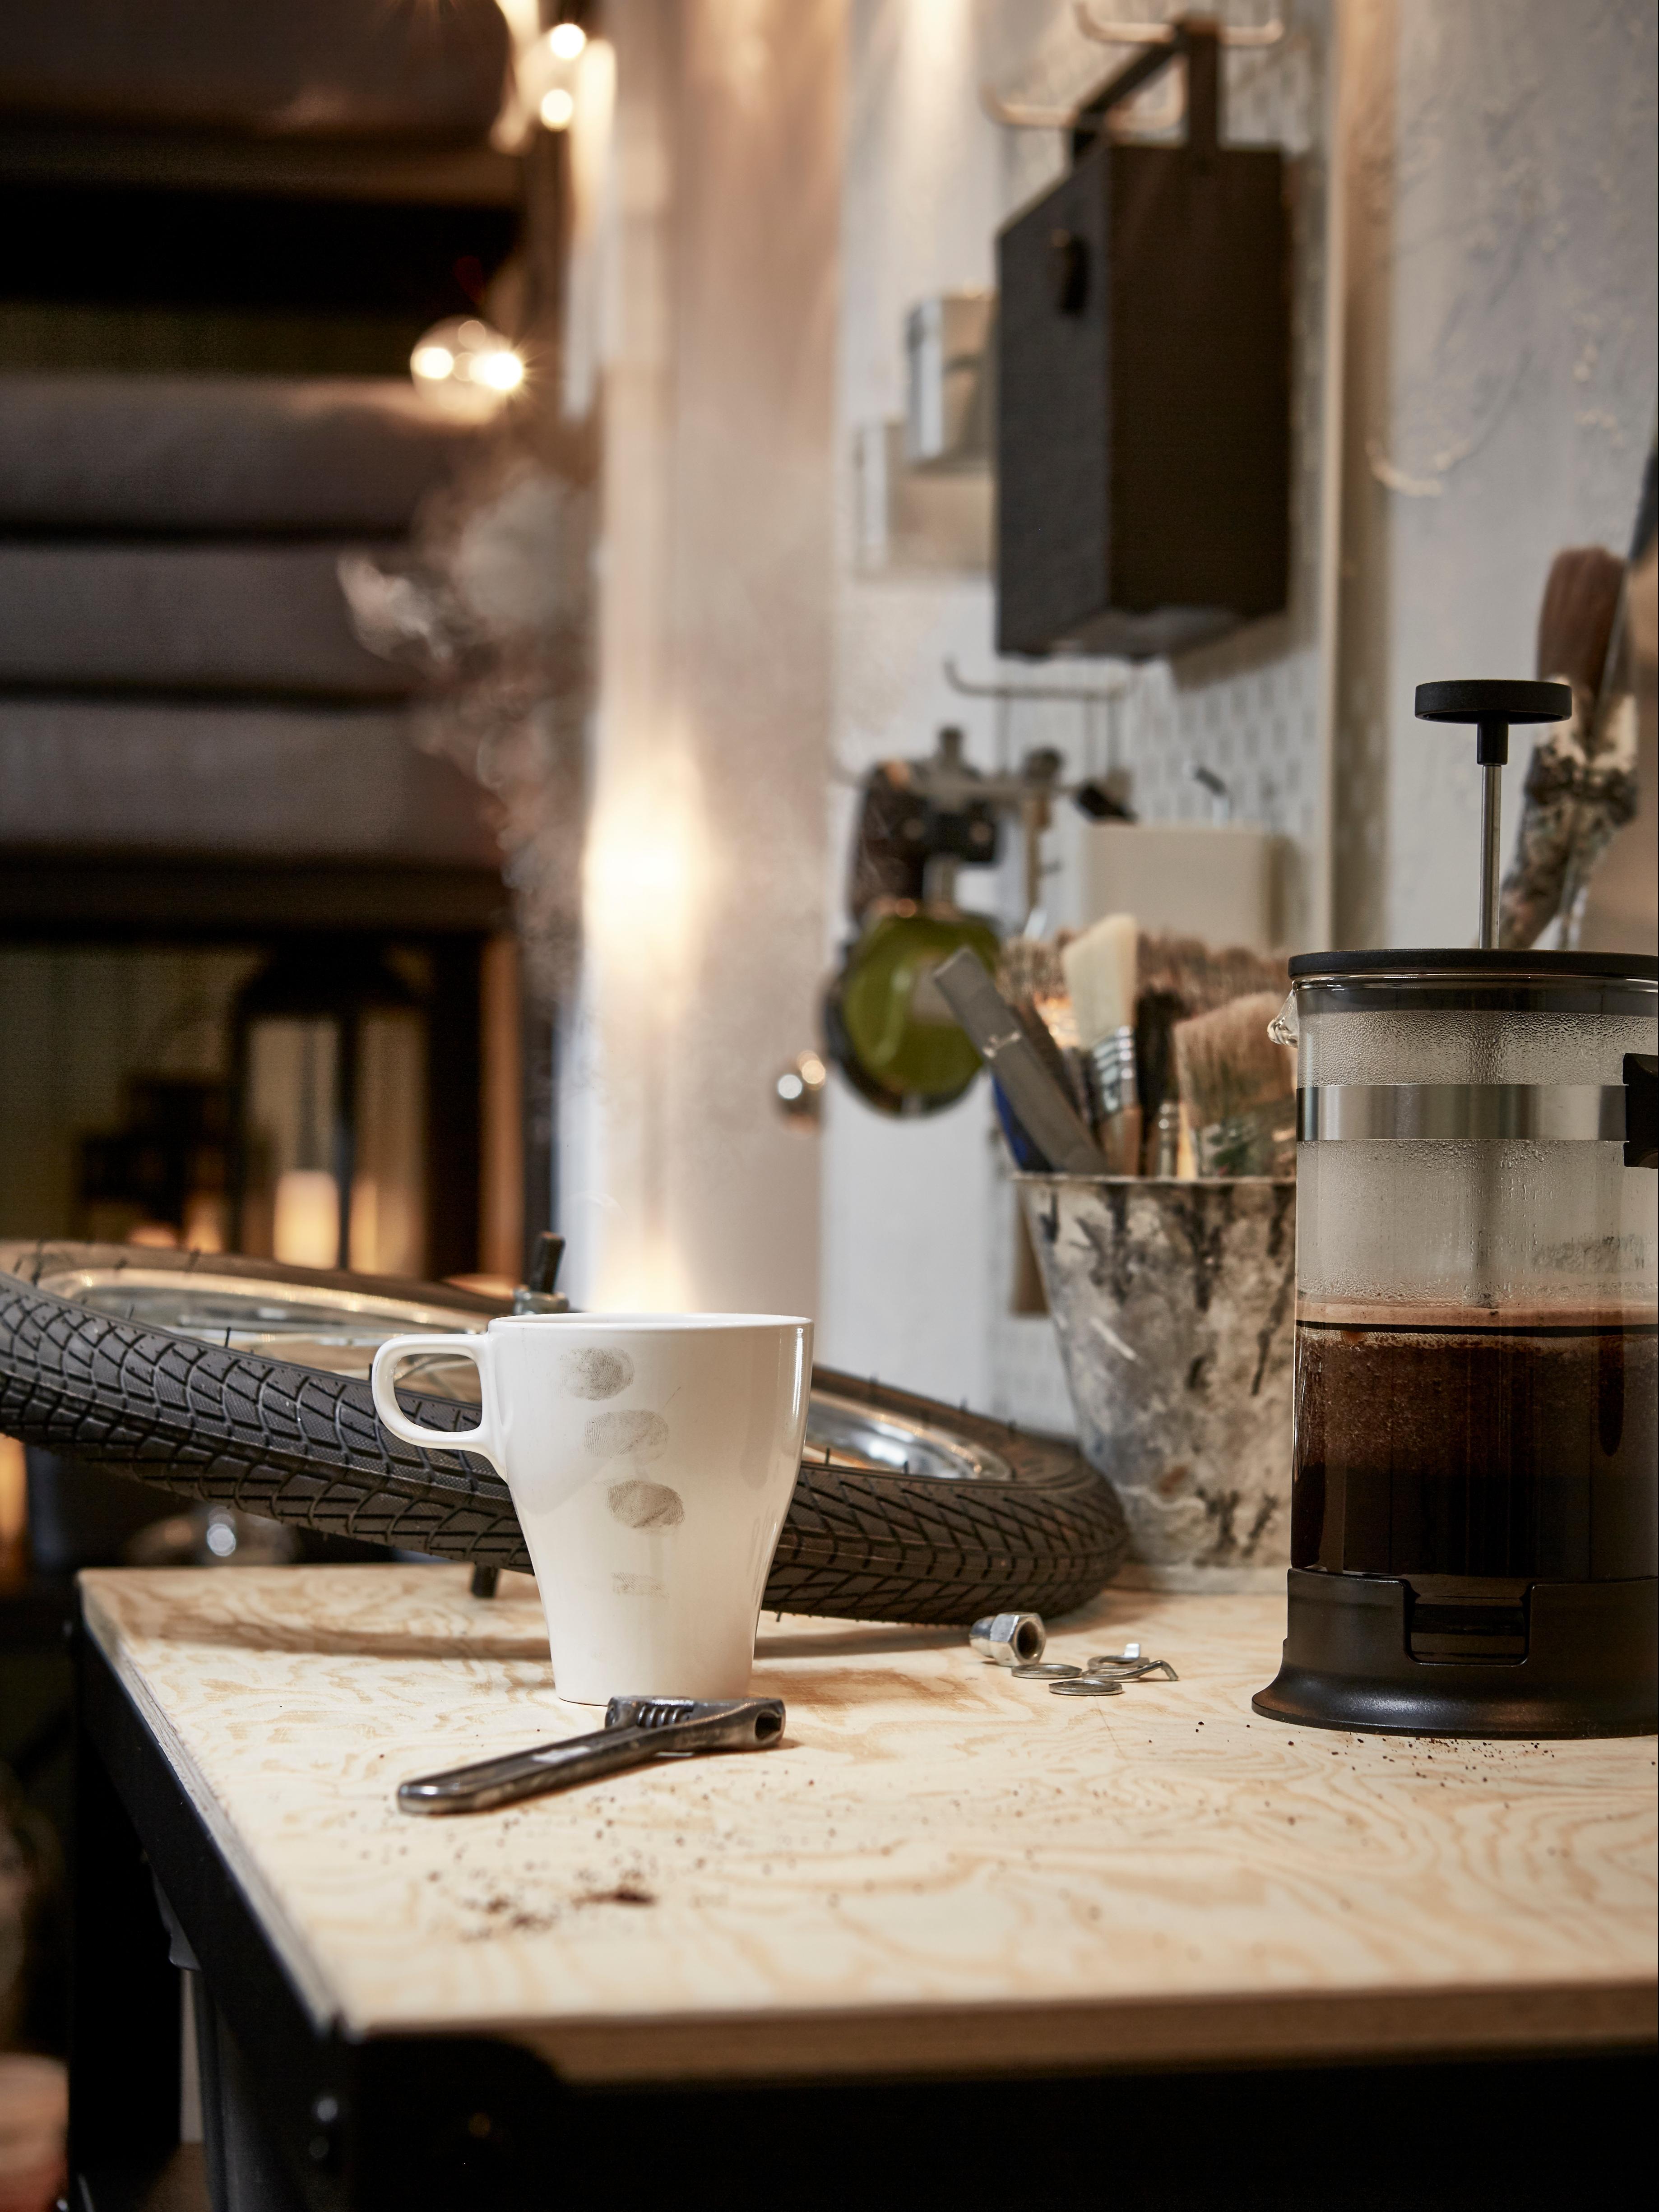 Na radnoj ploči u garaži je točak od bicikla, ključ, bela FÄRGRIK kamena šolja i stakleni aparat za kafu koji se puši.